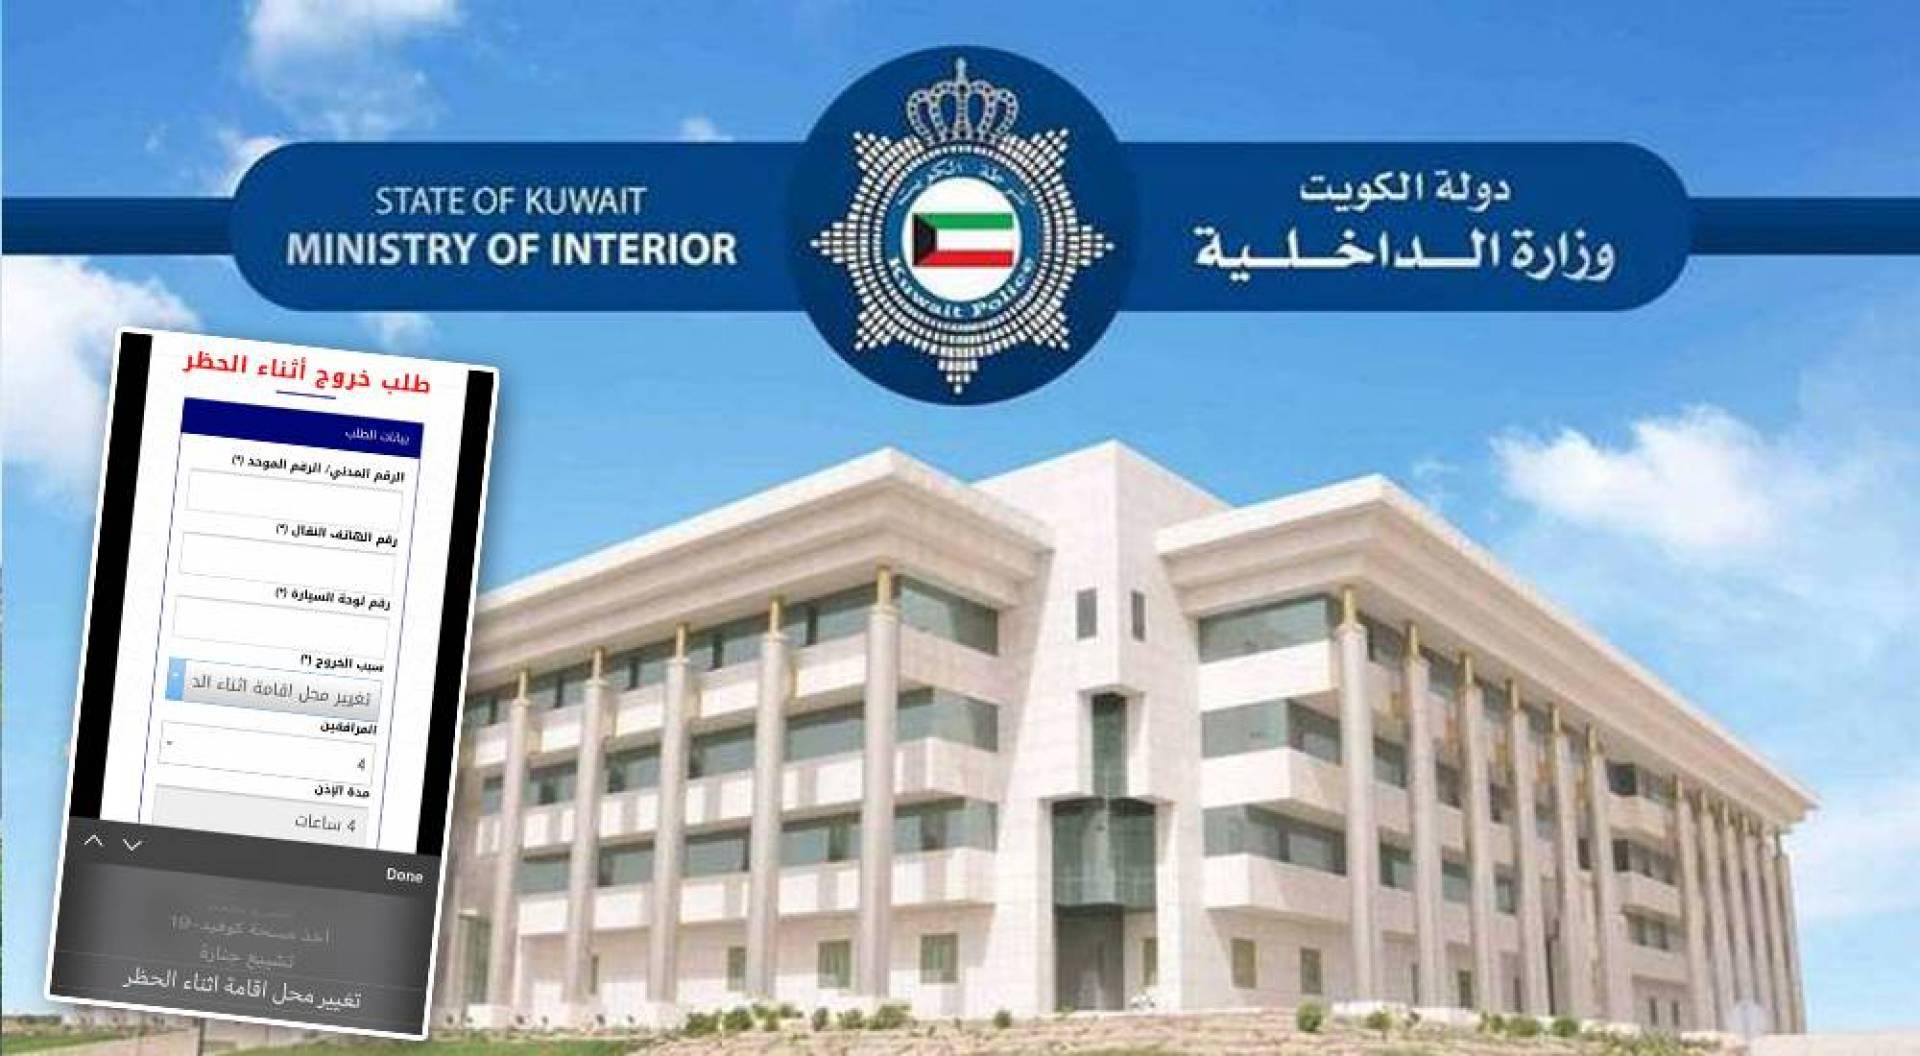 «الداخلية»: تصريح جديد لخروج المواطنين أثناء الحظر الكلي للمتنزهات